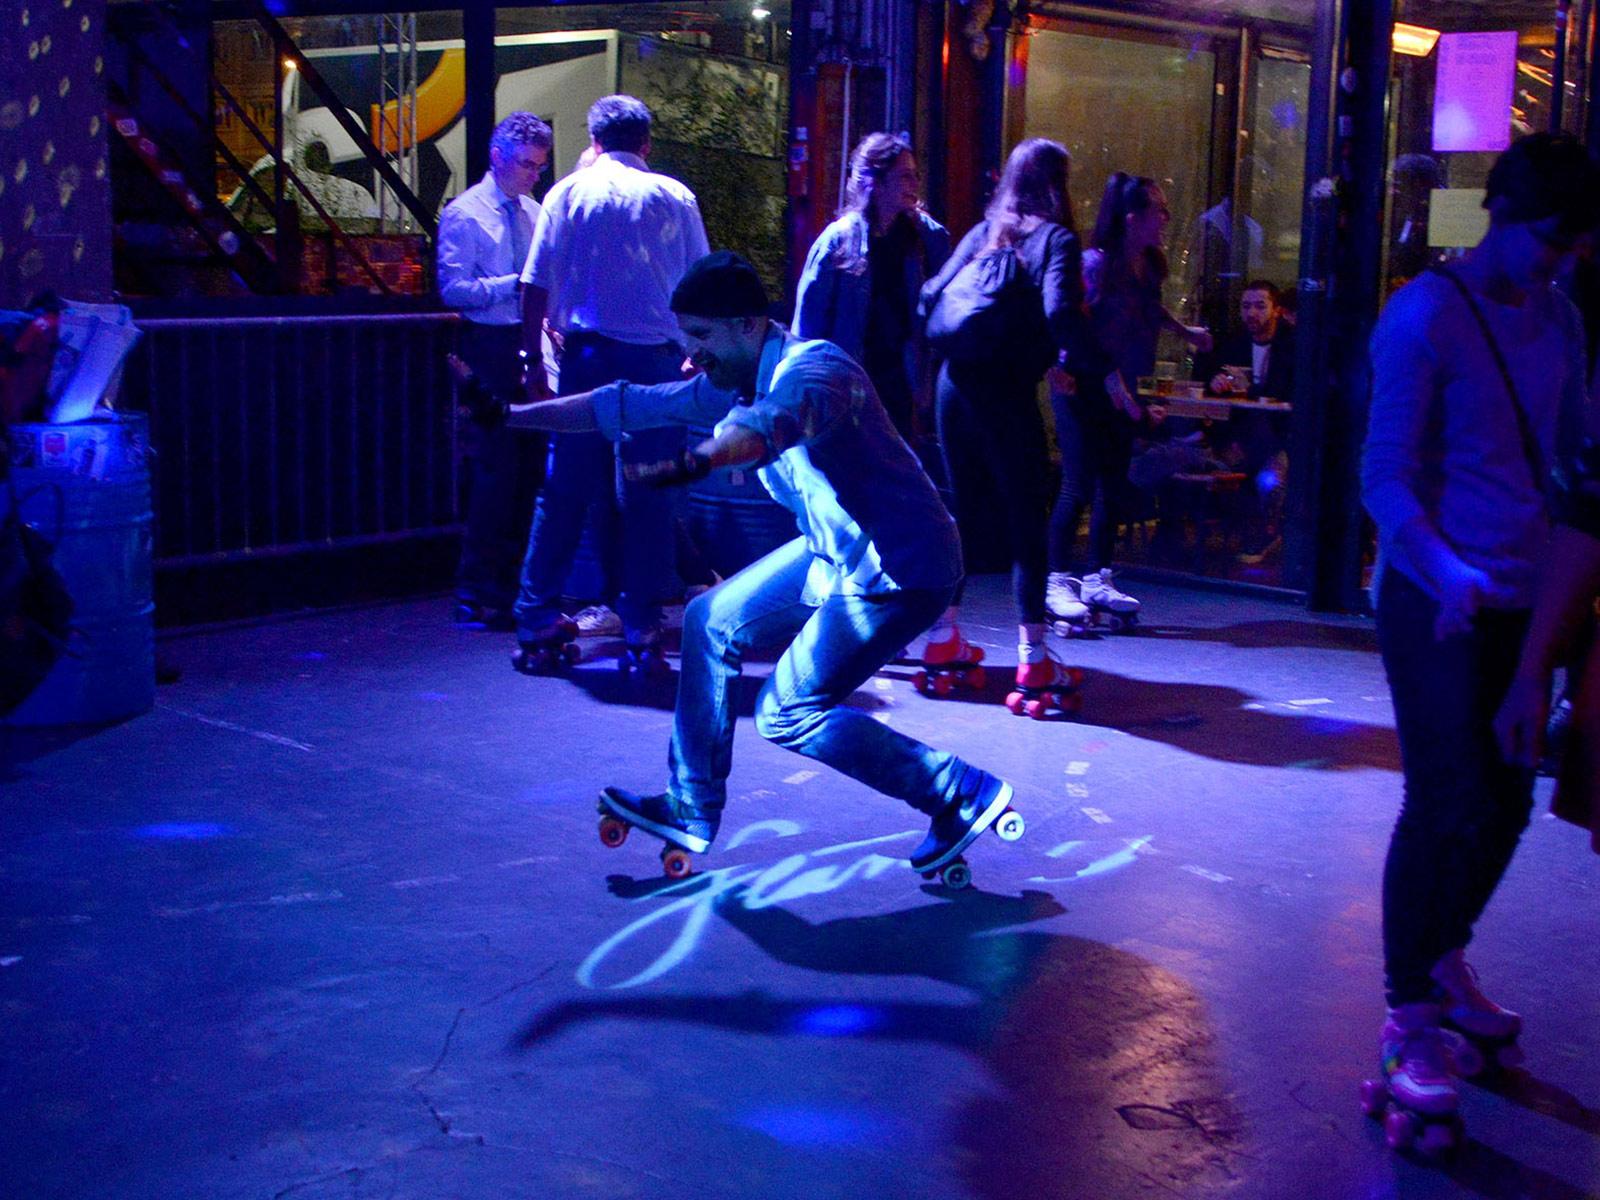 Roller skating classes in Paris